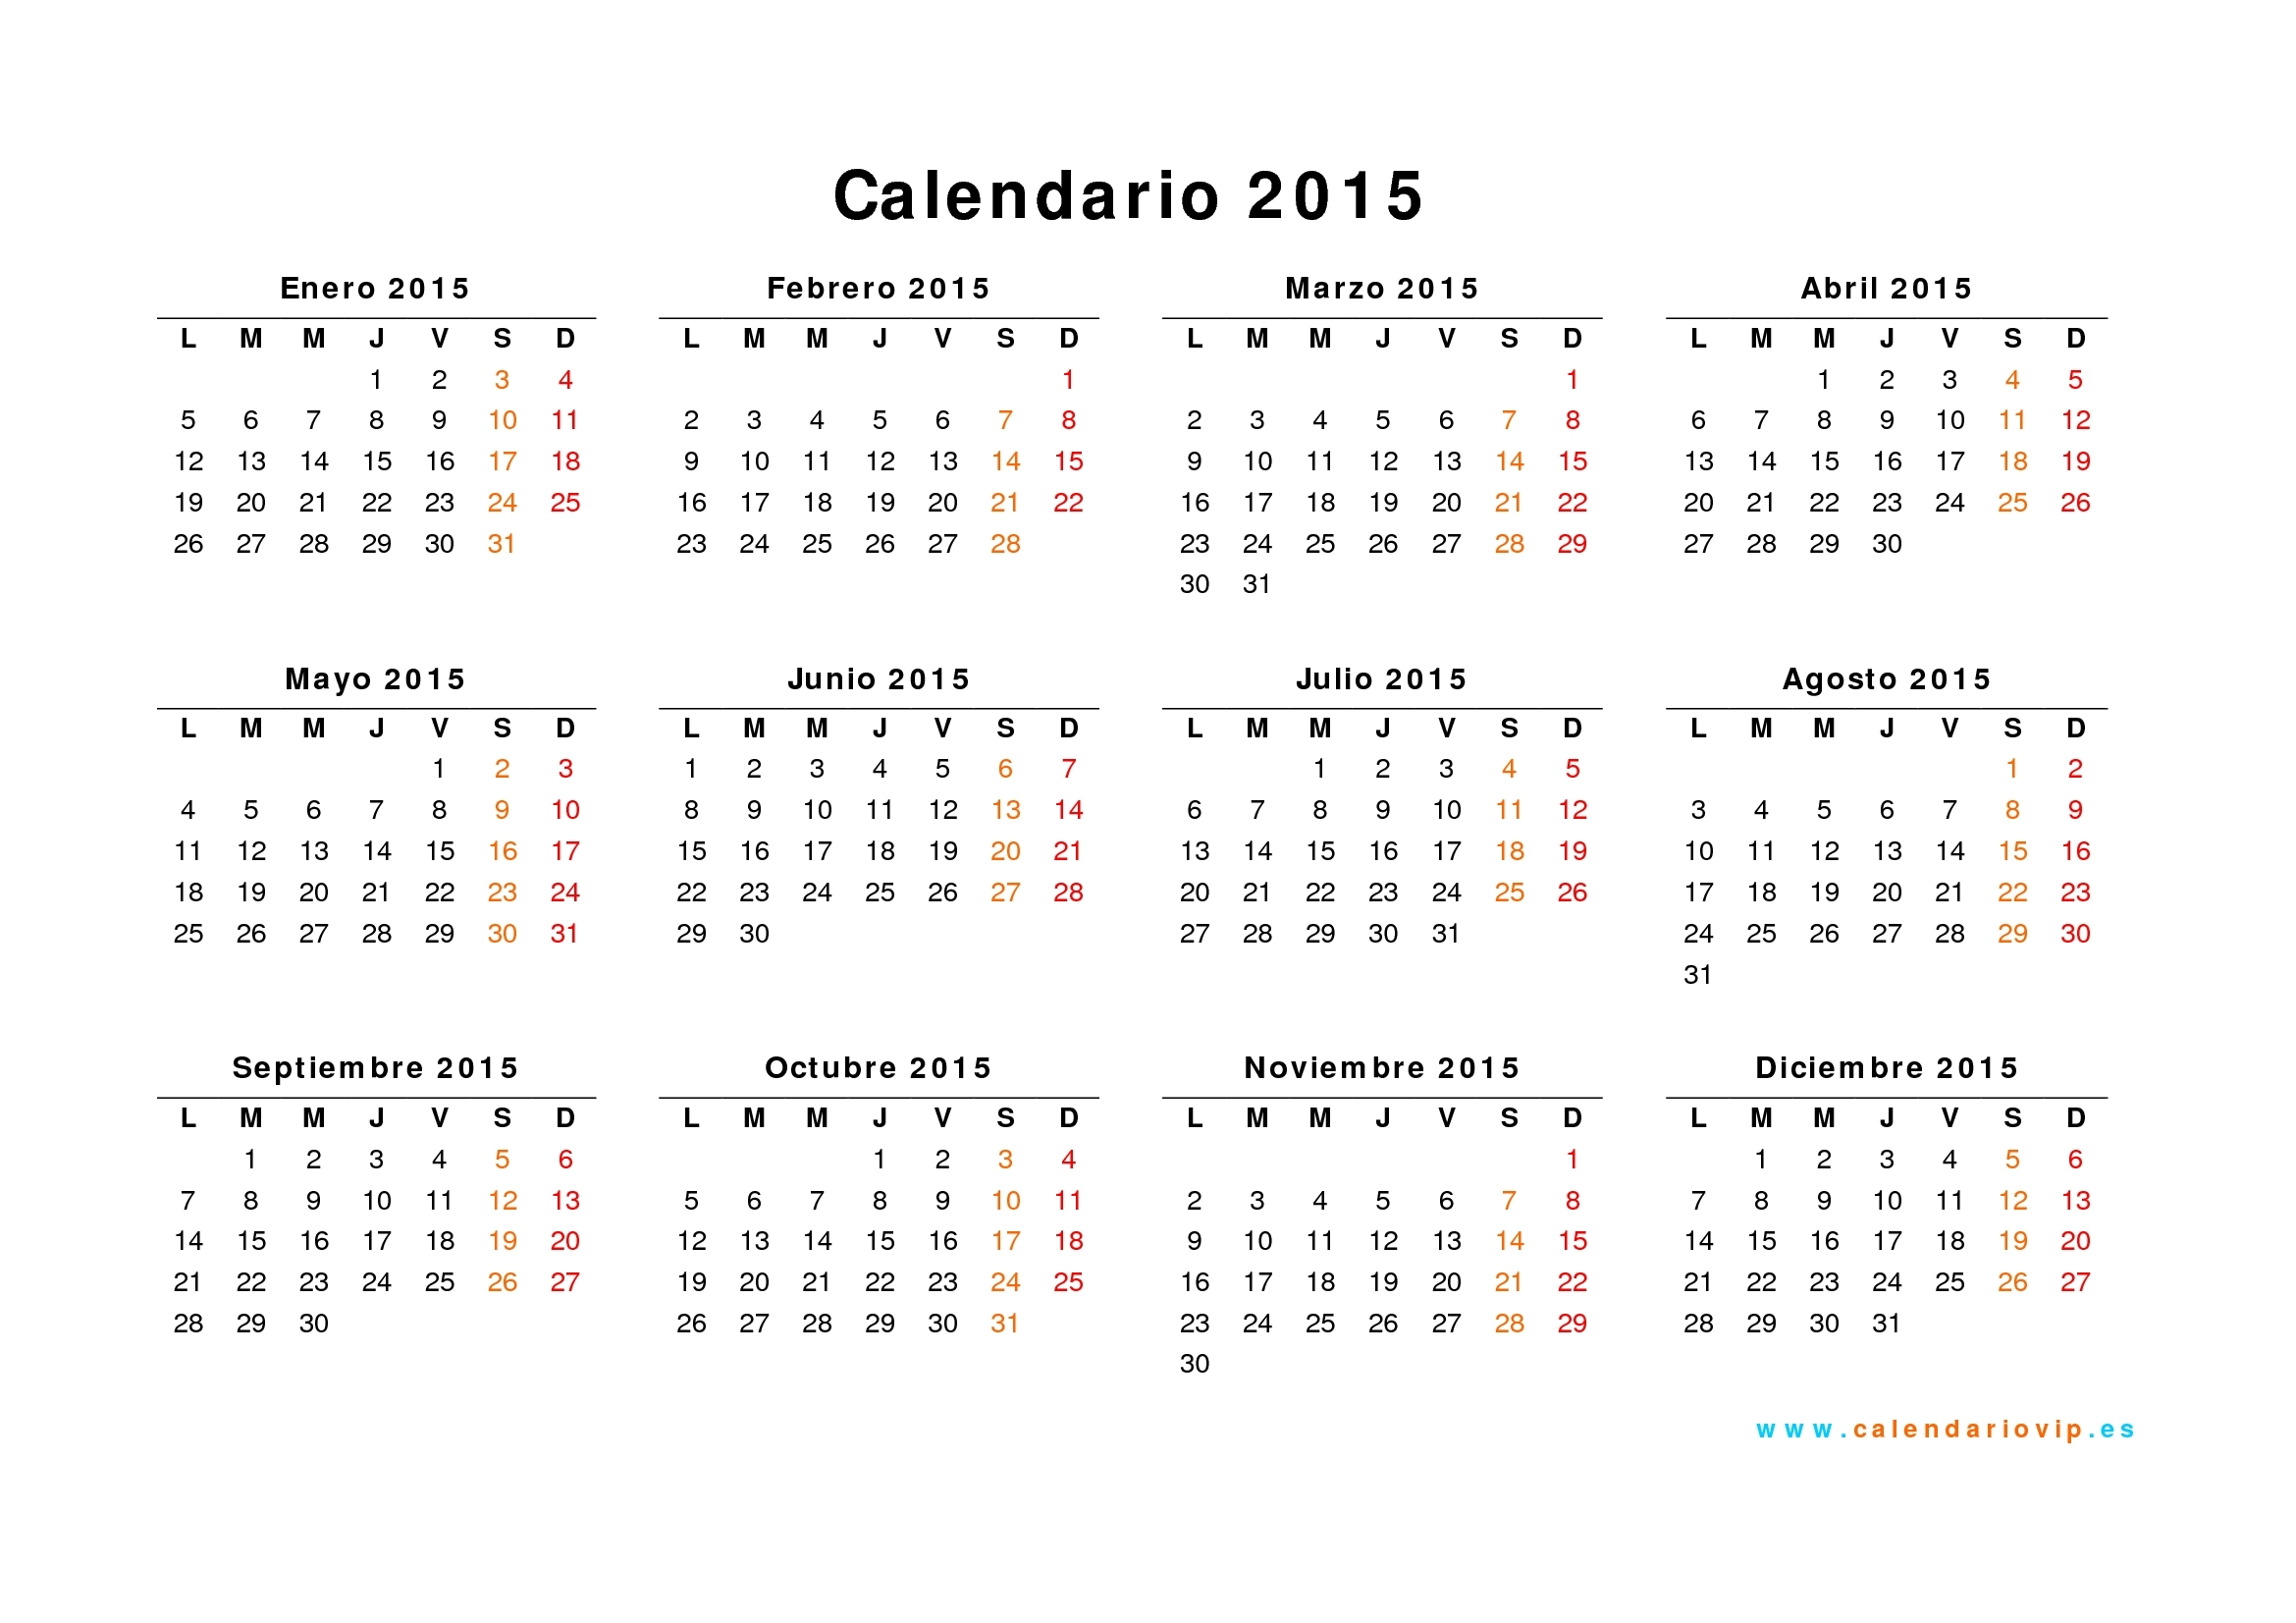 Calendario 2015 Para Imprimir Gratis within Calendario 2015 Para Imprimir Pdf